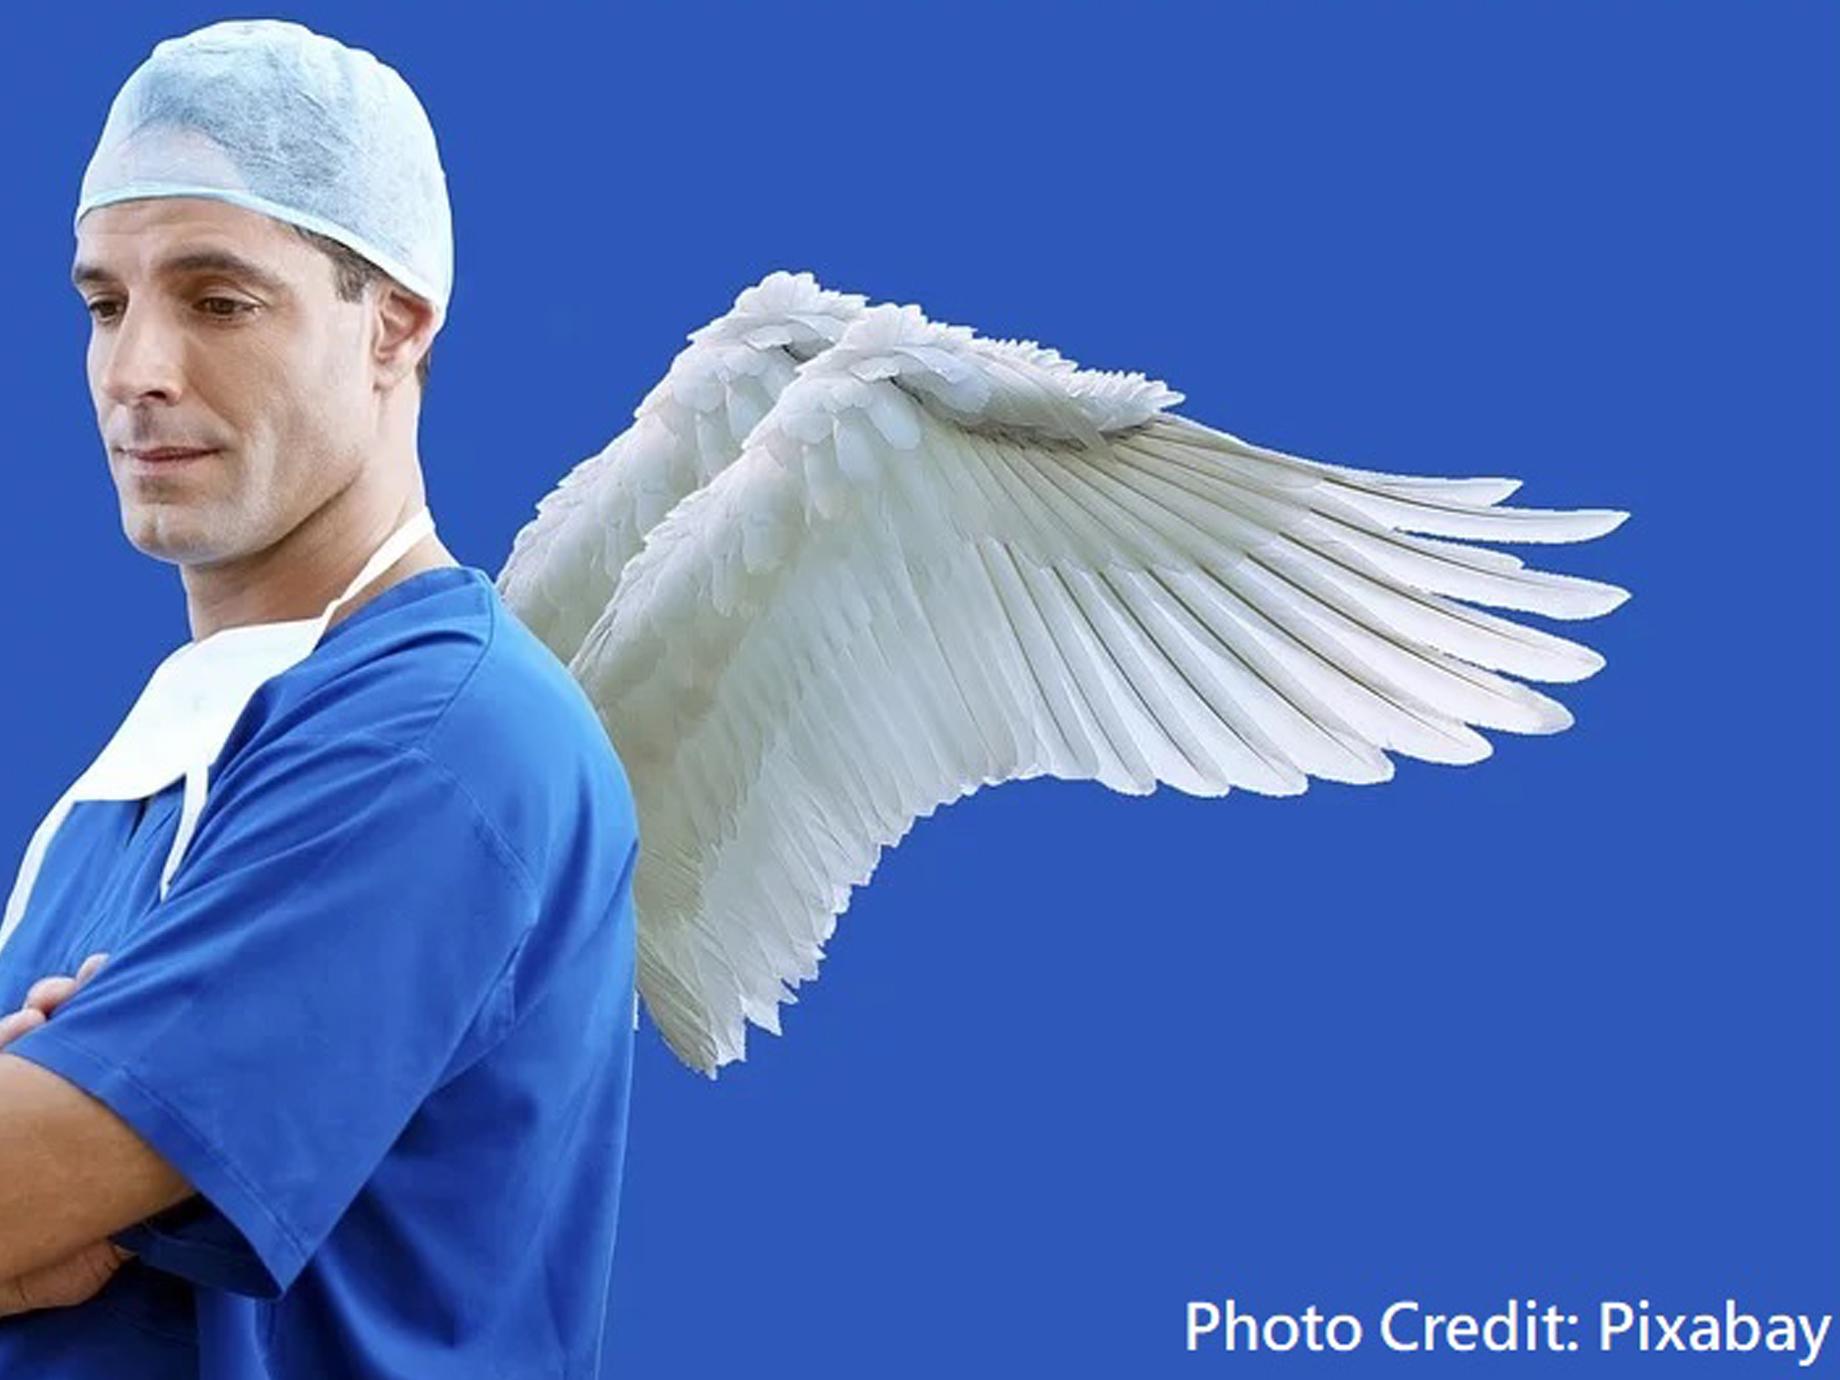 疫情間生病該怎麼辦?「遠程醫療」用創新方式帶來改變曙光